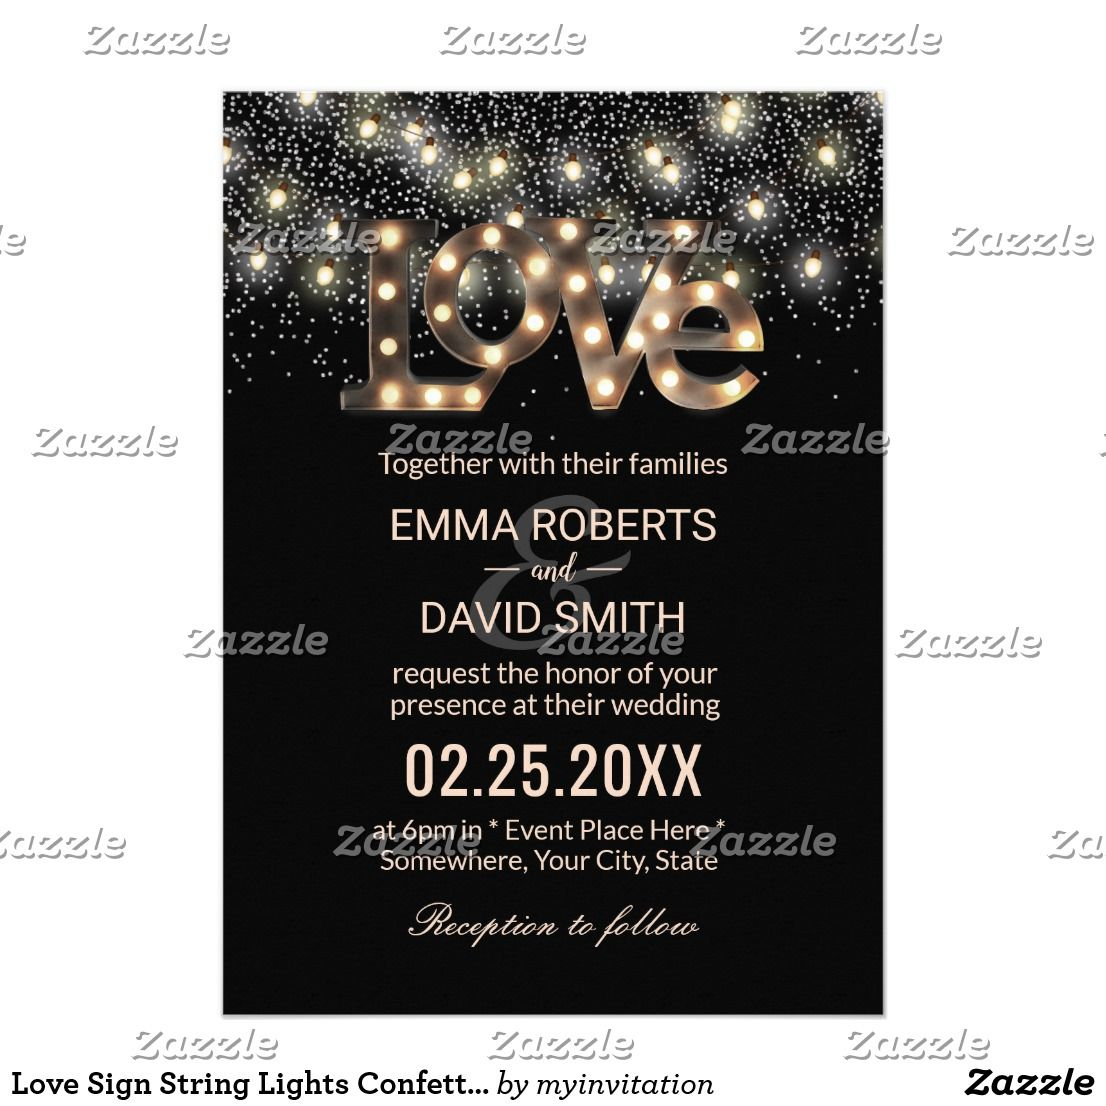 Love Sign String Lights Confetti Modern Wedding Card Wedding Card